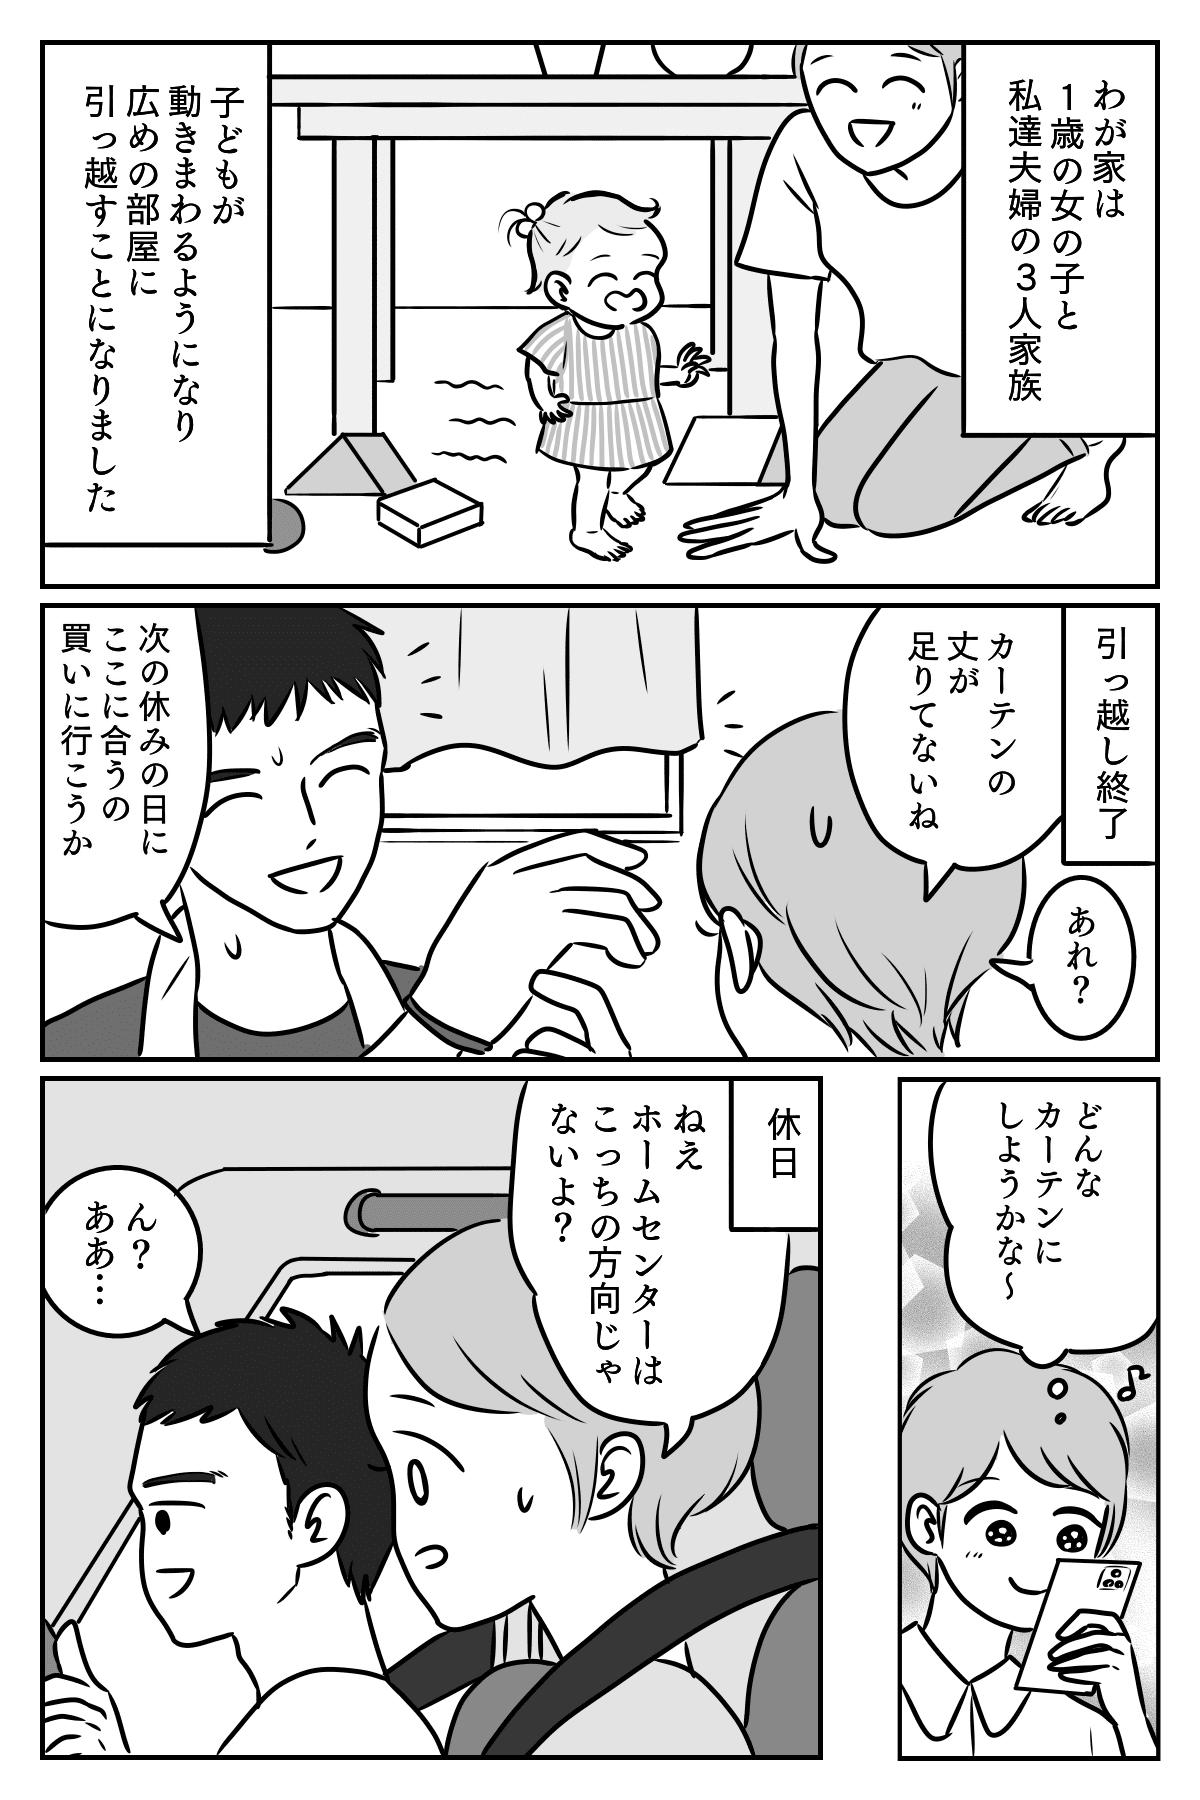 カーテン前編01